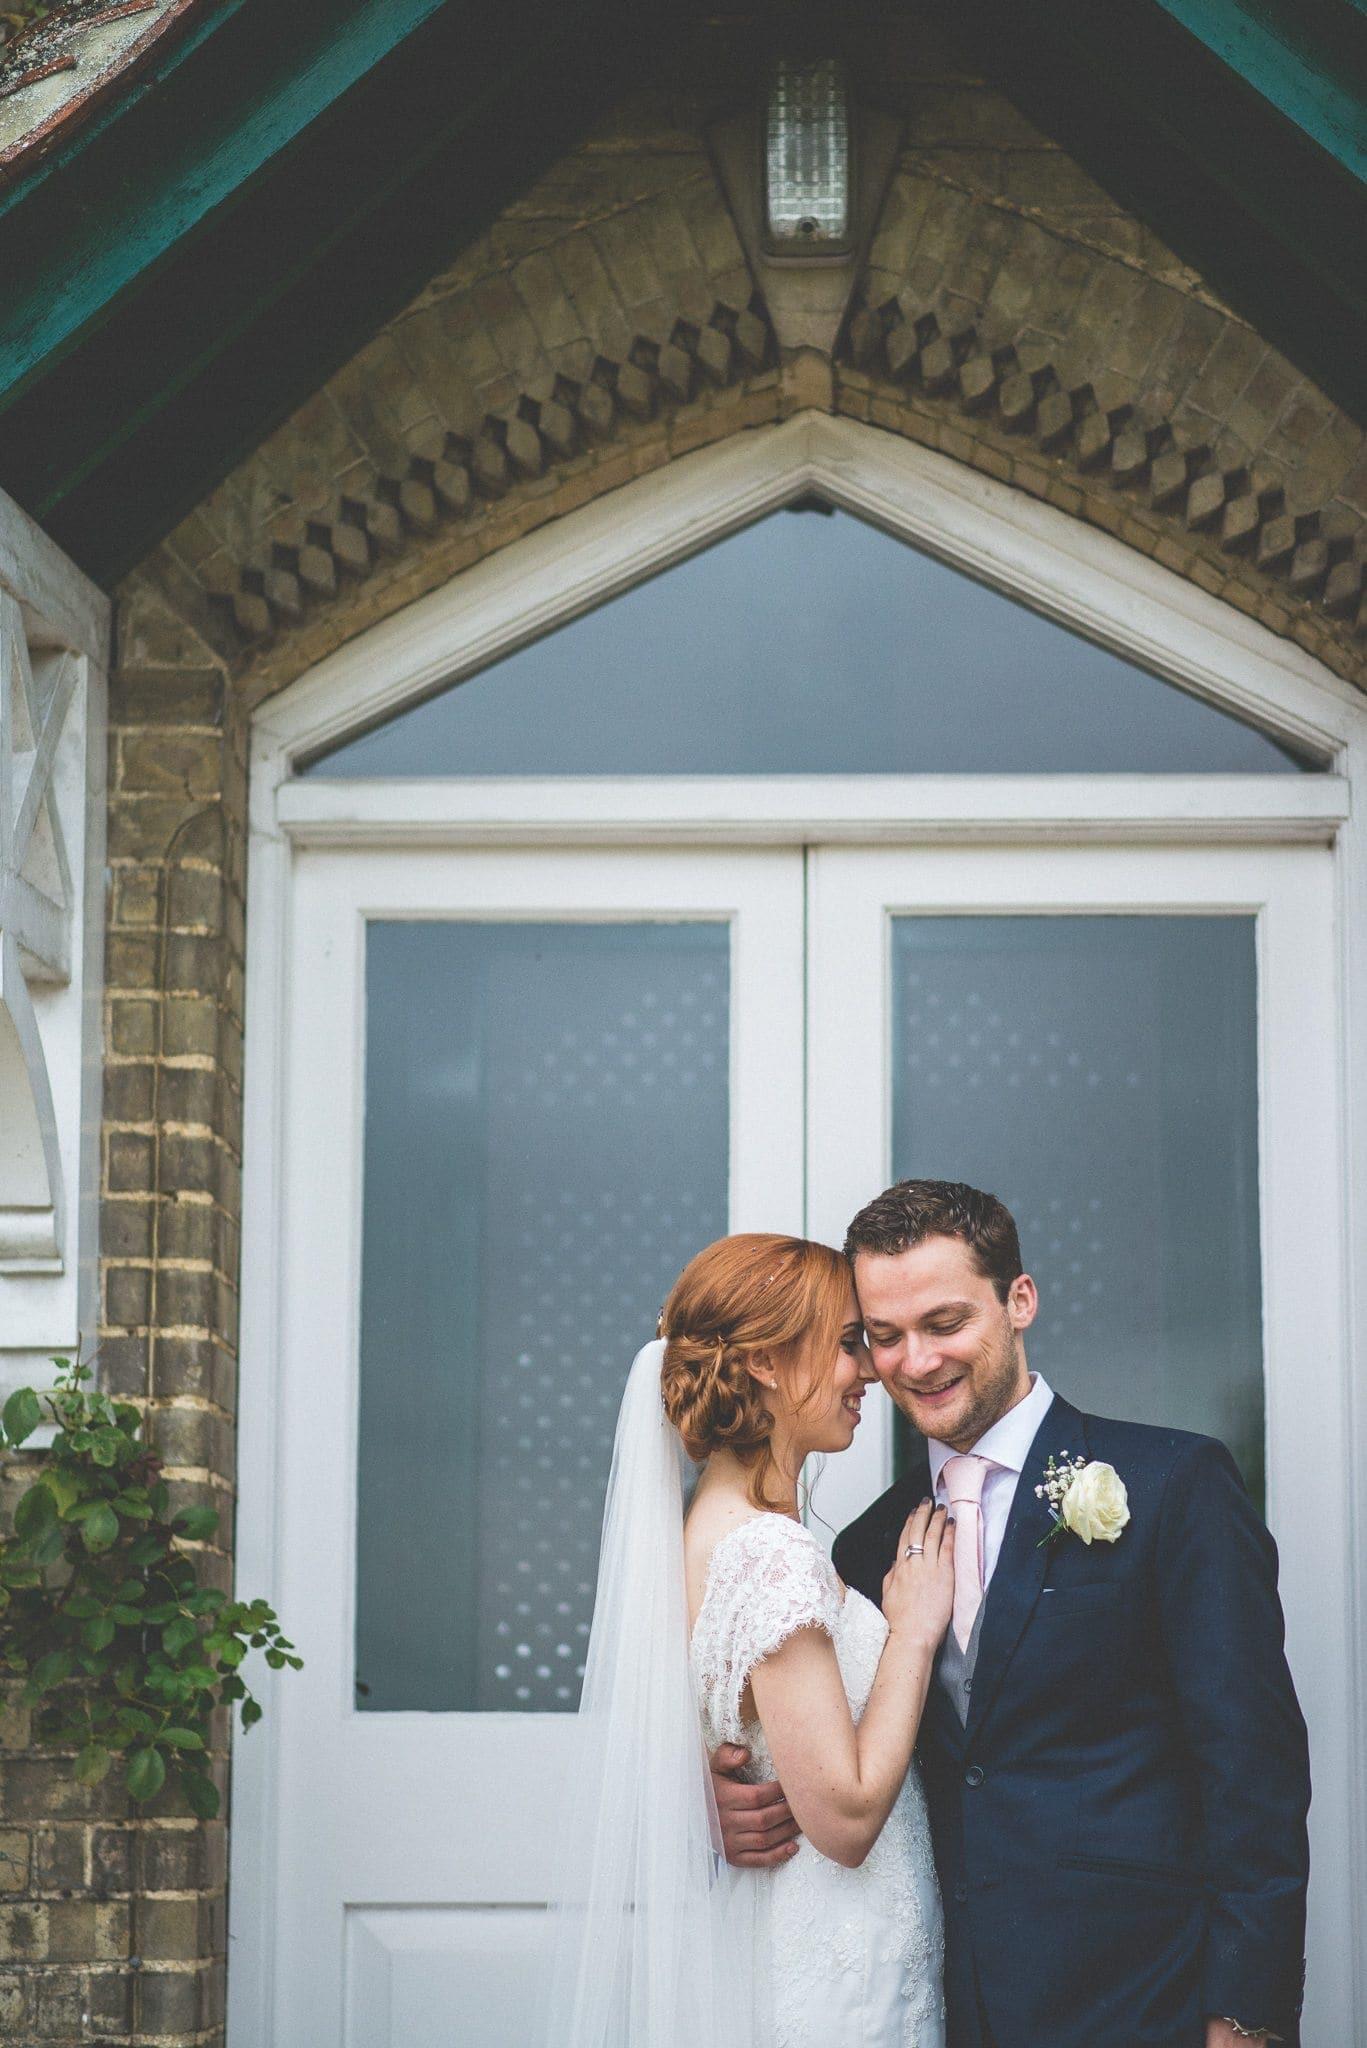 Lauren & Mathew - Smeetham Hall Barn-312